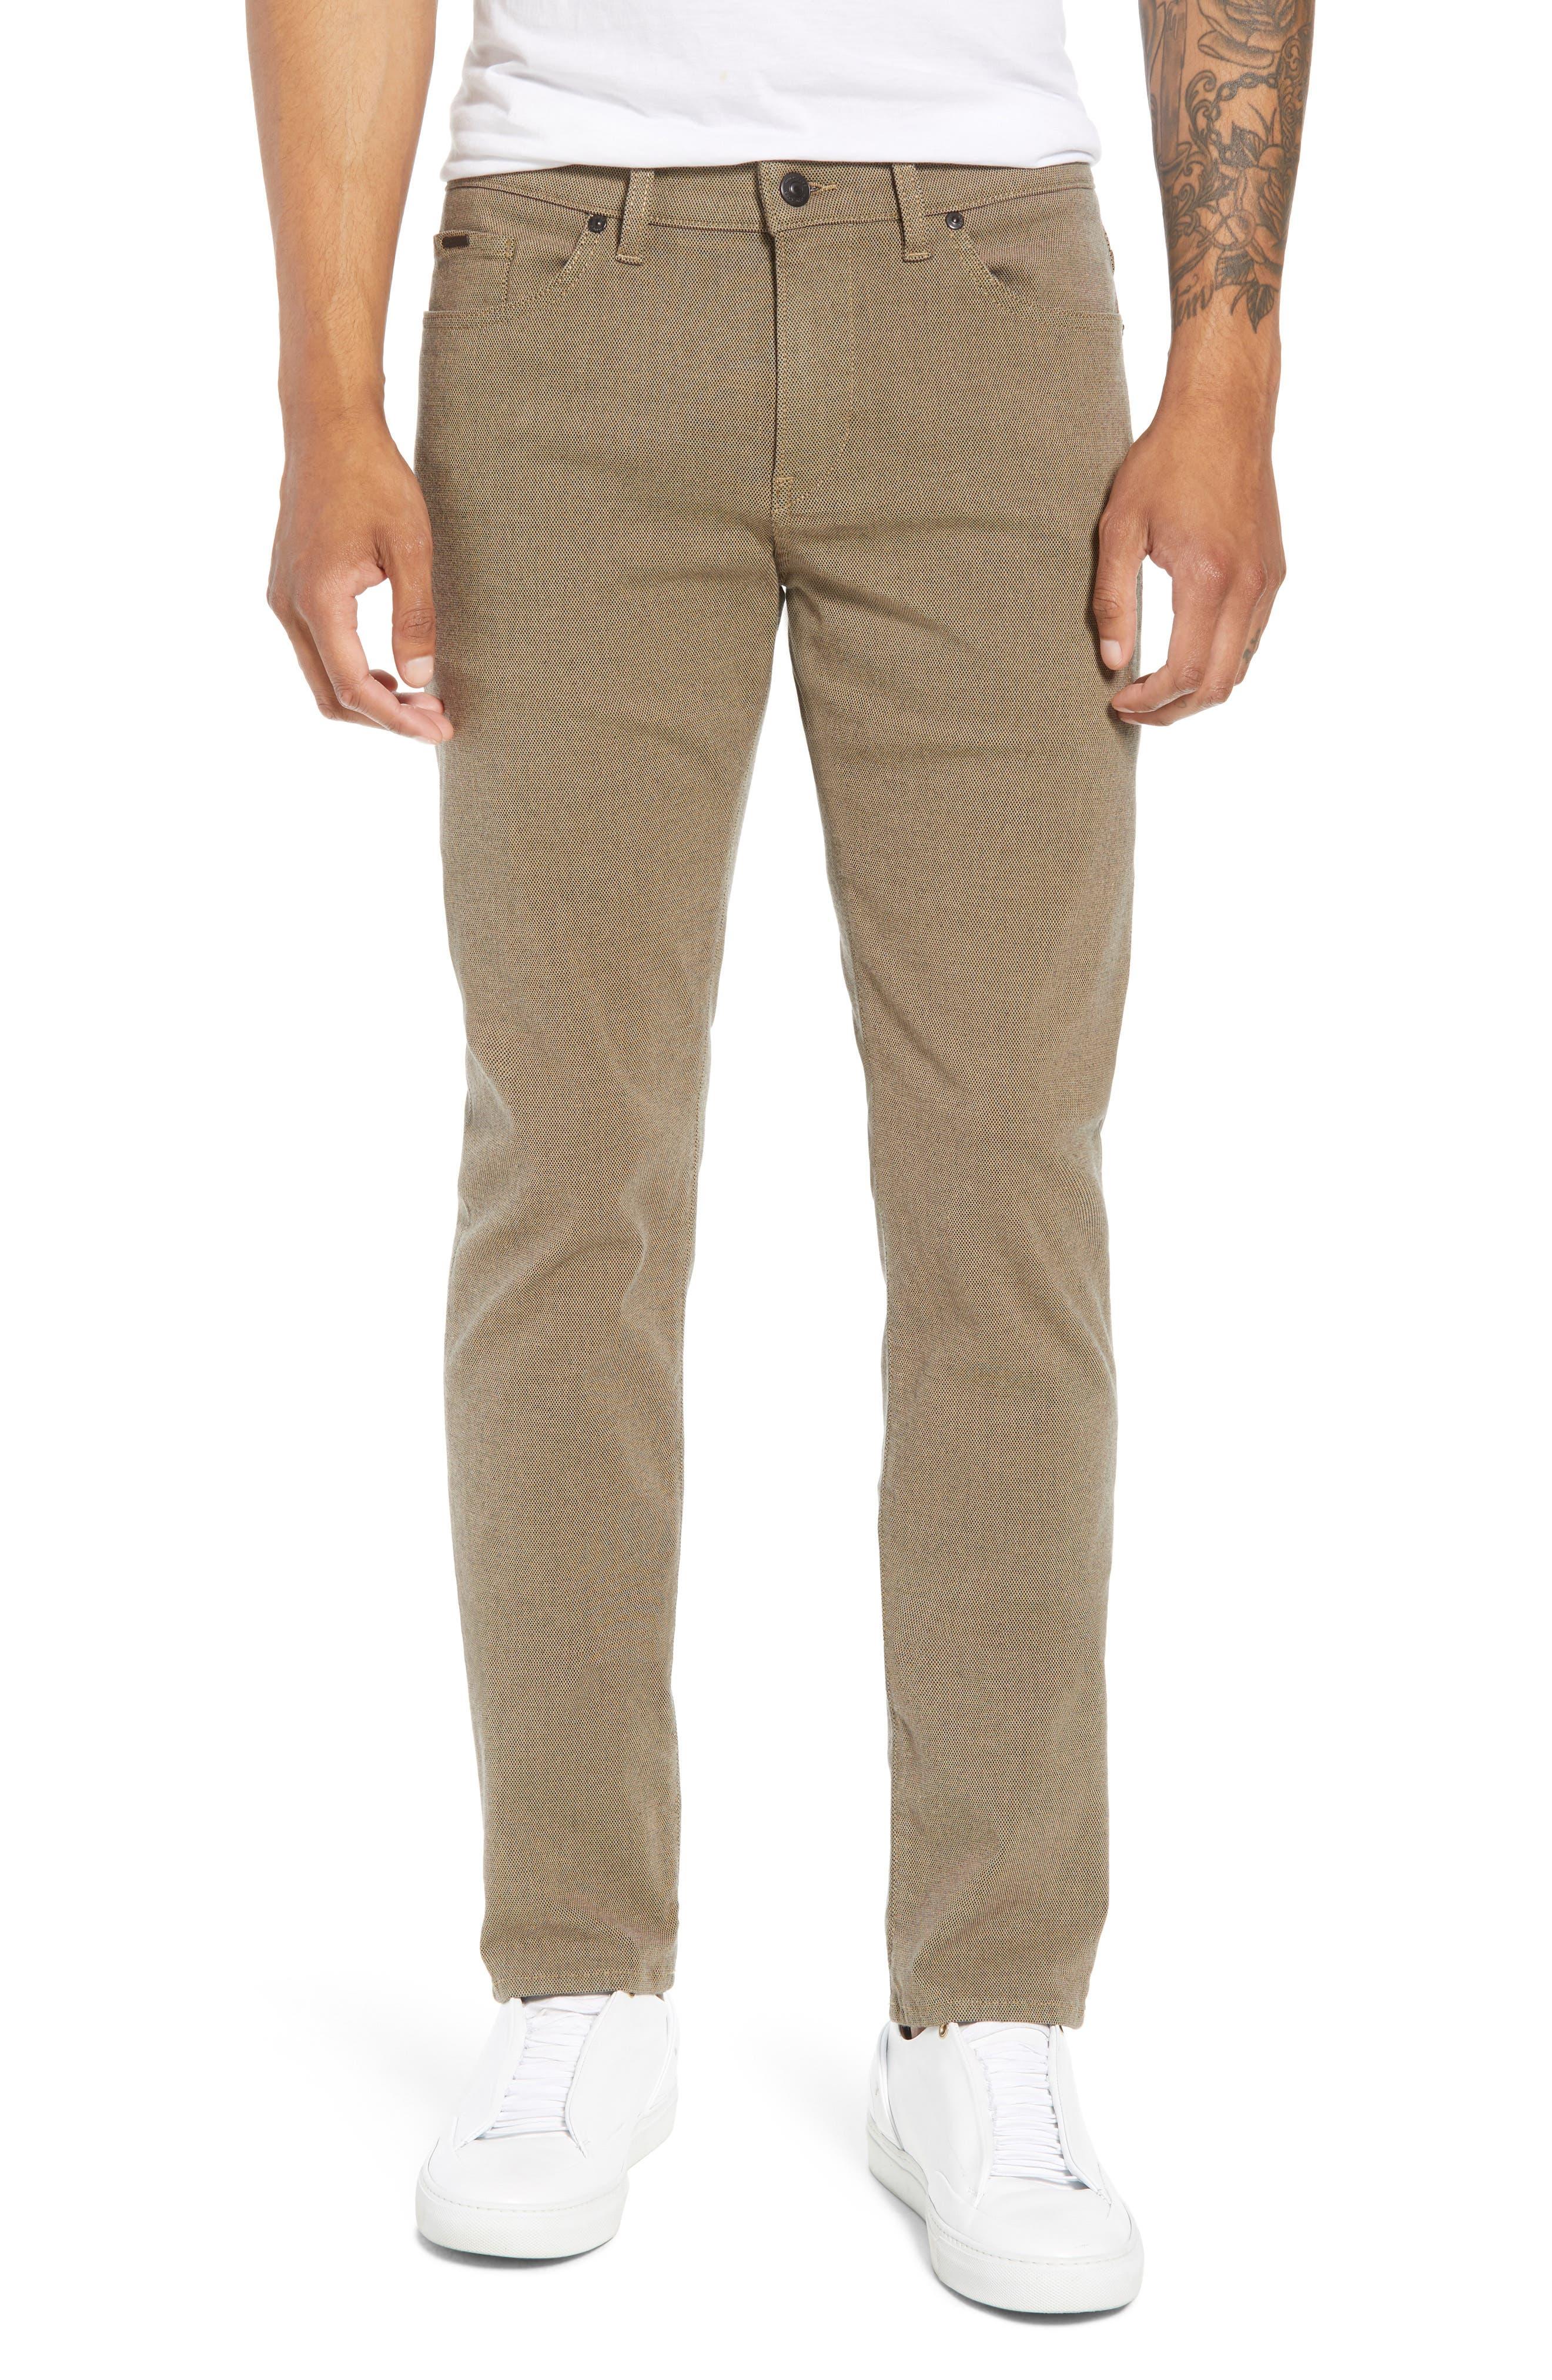 Delaware Slim Fit Pants,                             Main thumbnail 1, color,                             TAN